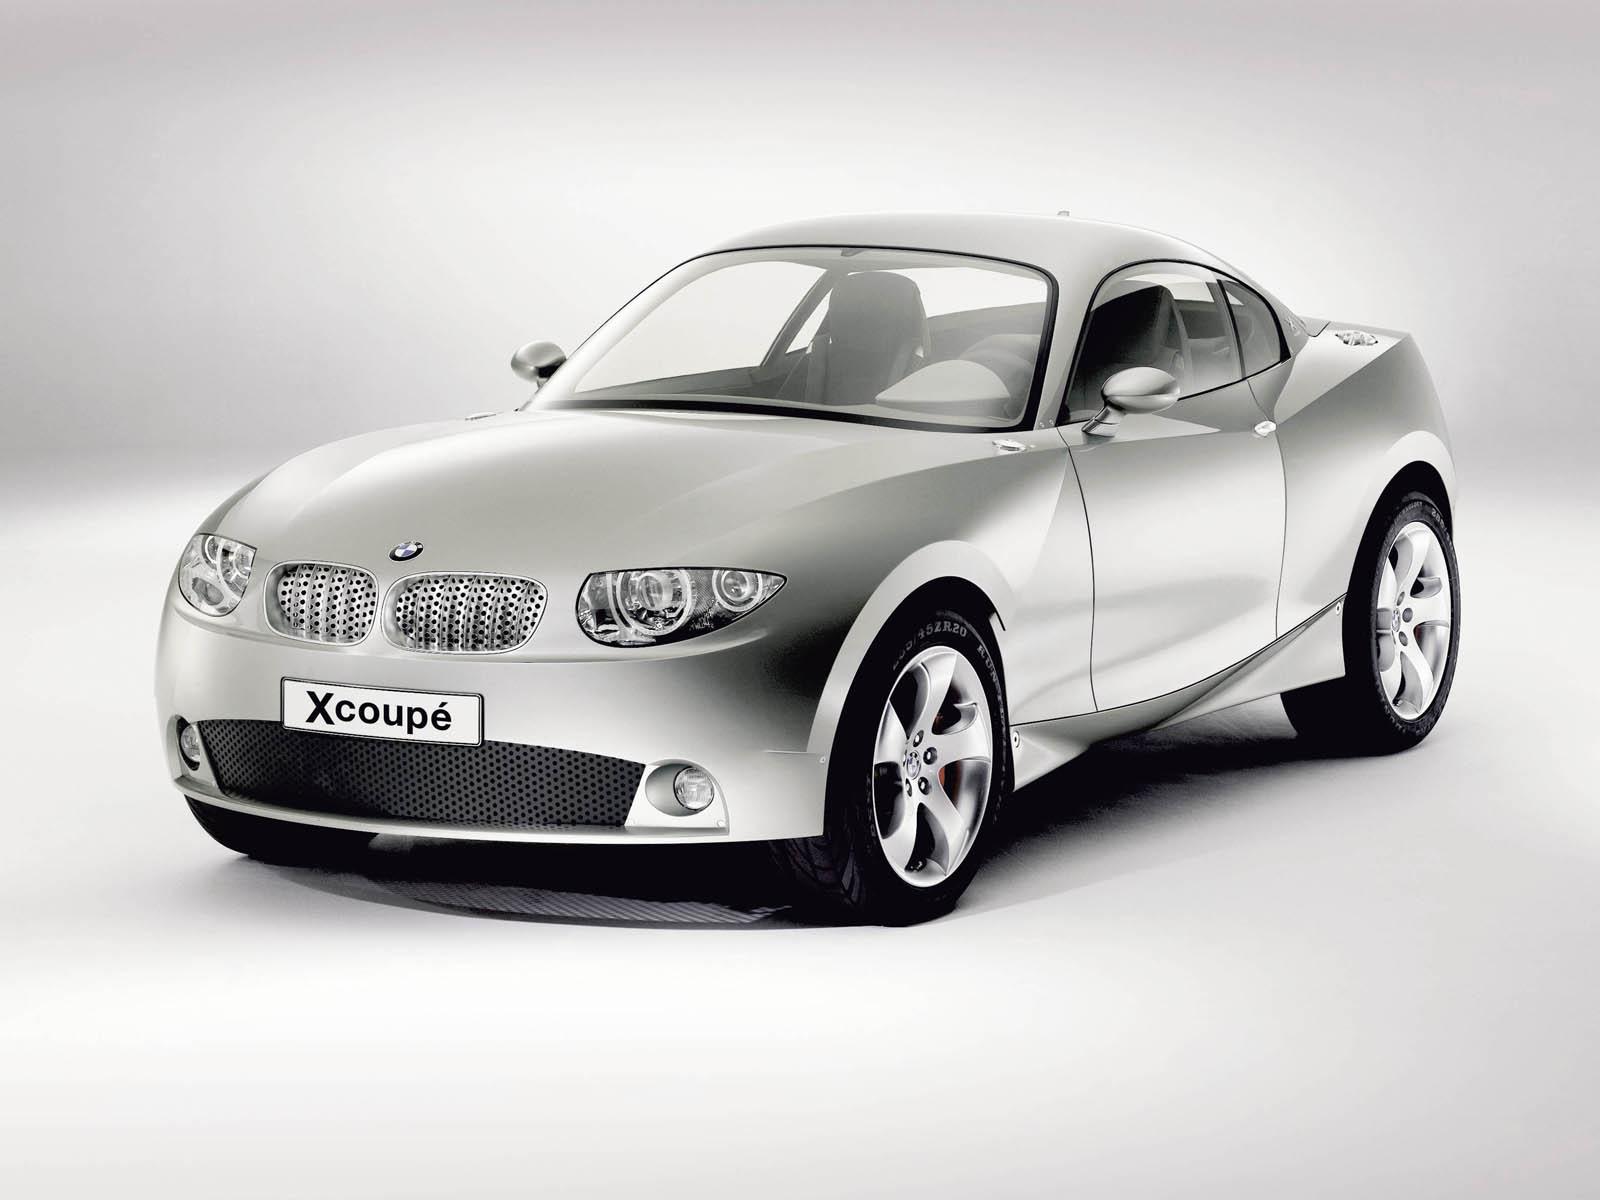 http://3.bp.blogspot.com/-nBQT_TINmLk/Tklafo_RFsI/AAAAAAAAEnQ/oWpDjTmDlG4/s1600/BMW_HQ_Wallpaper_MOST_BEAUTIFUL_CAR_OF_WORLD+%2810%29.jpg